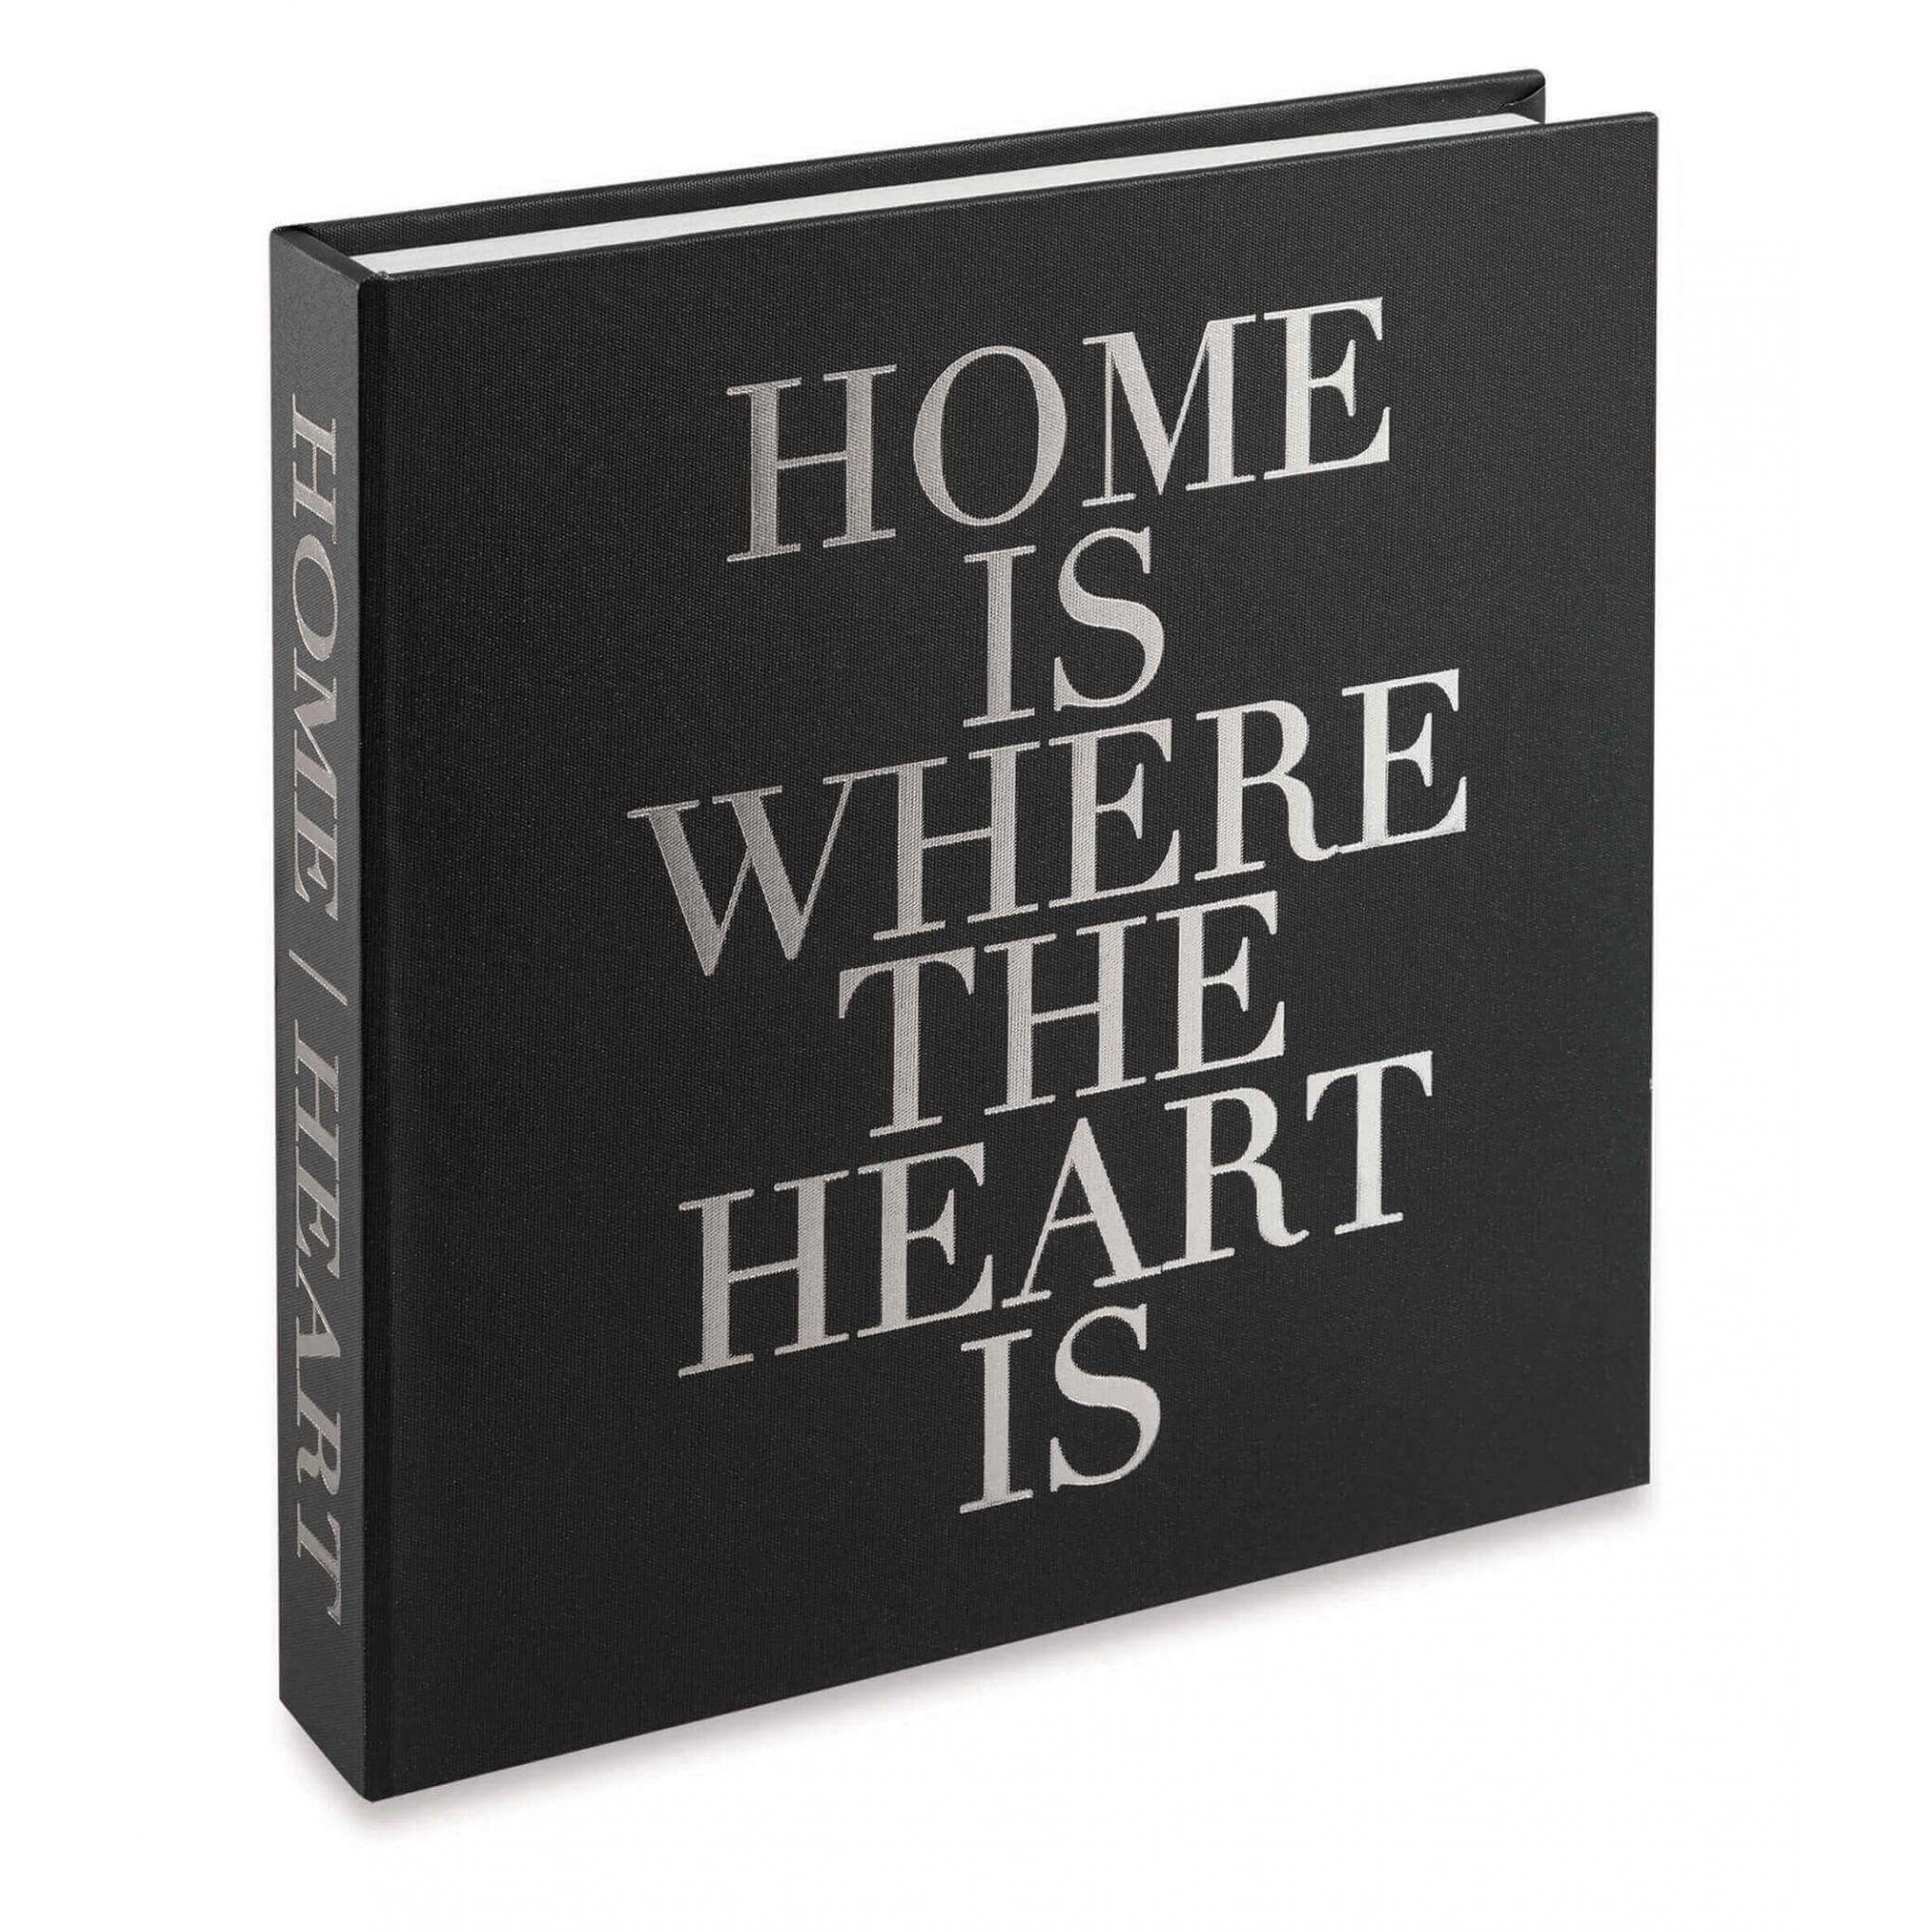 Caixa Livro Decorativa Home is Were